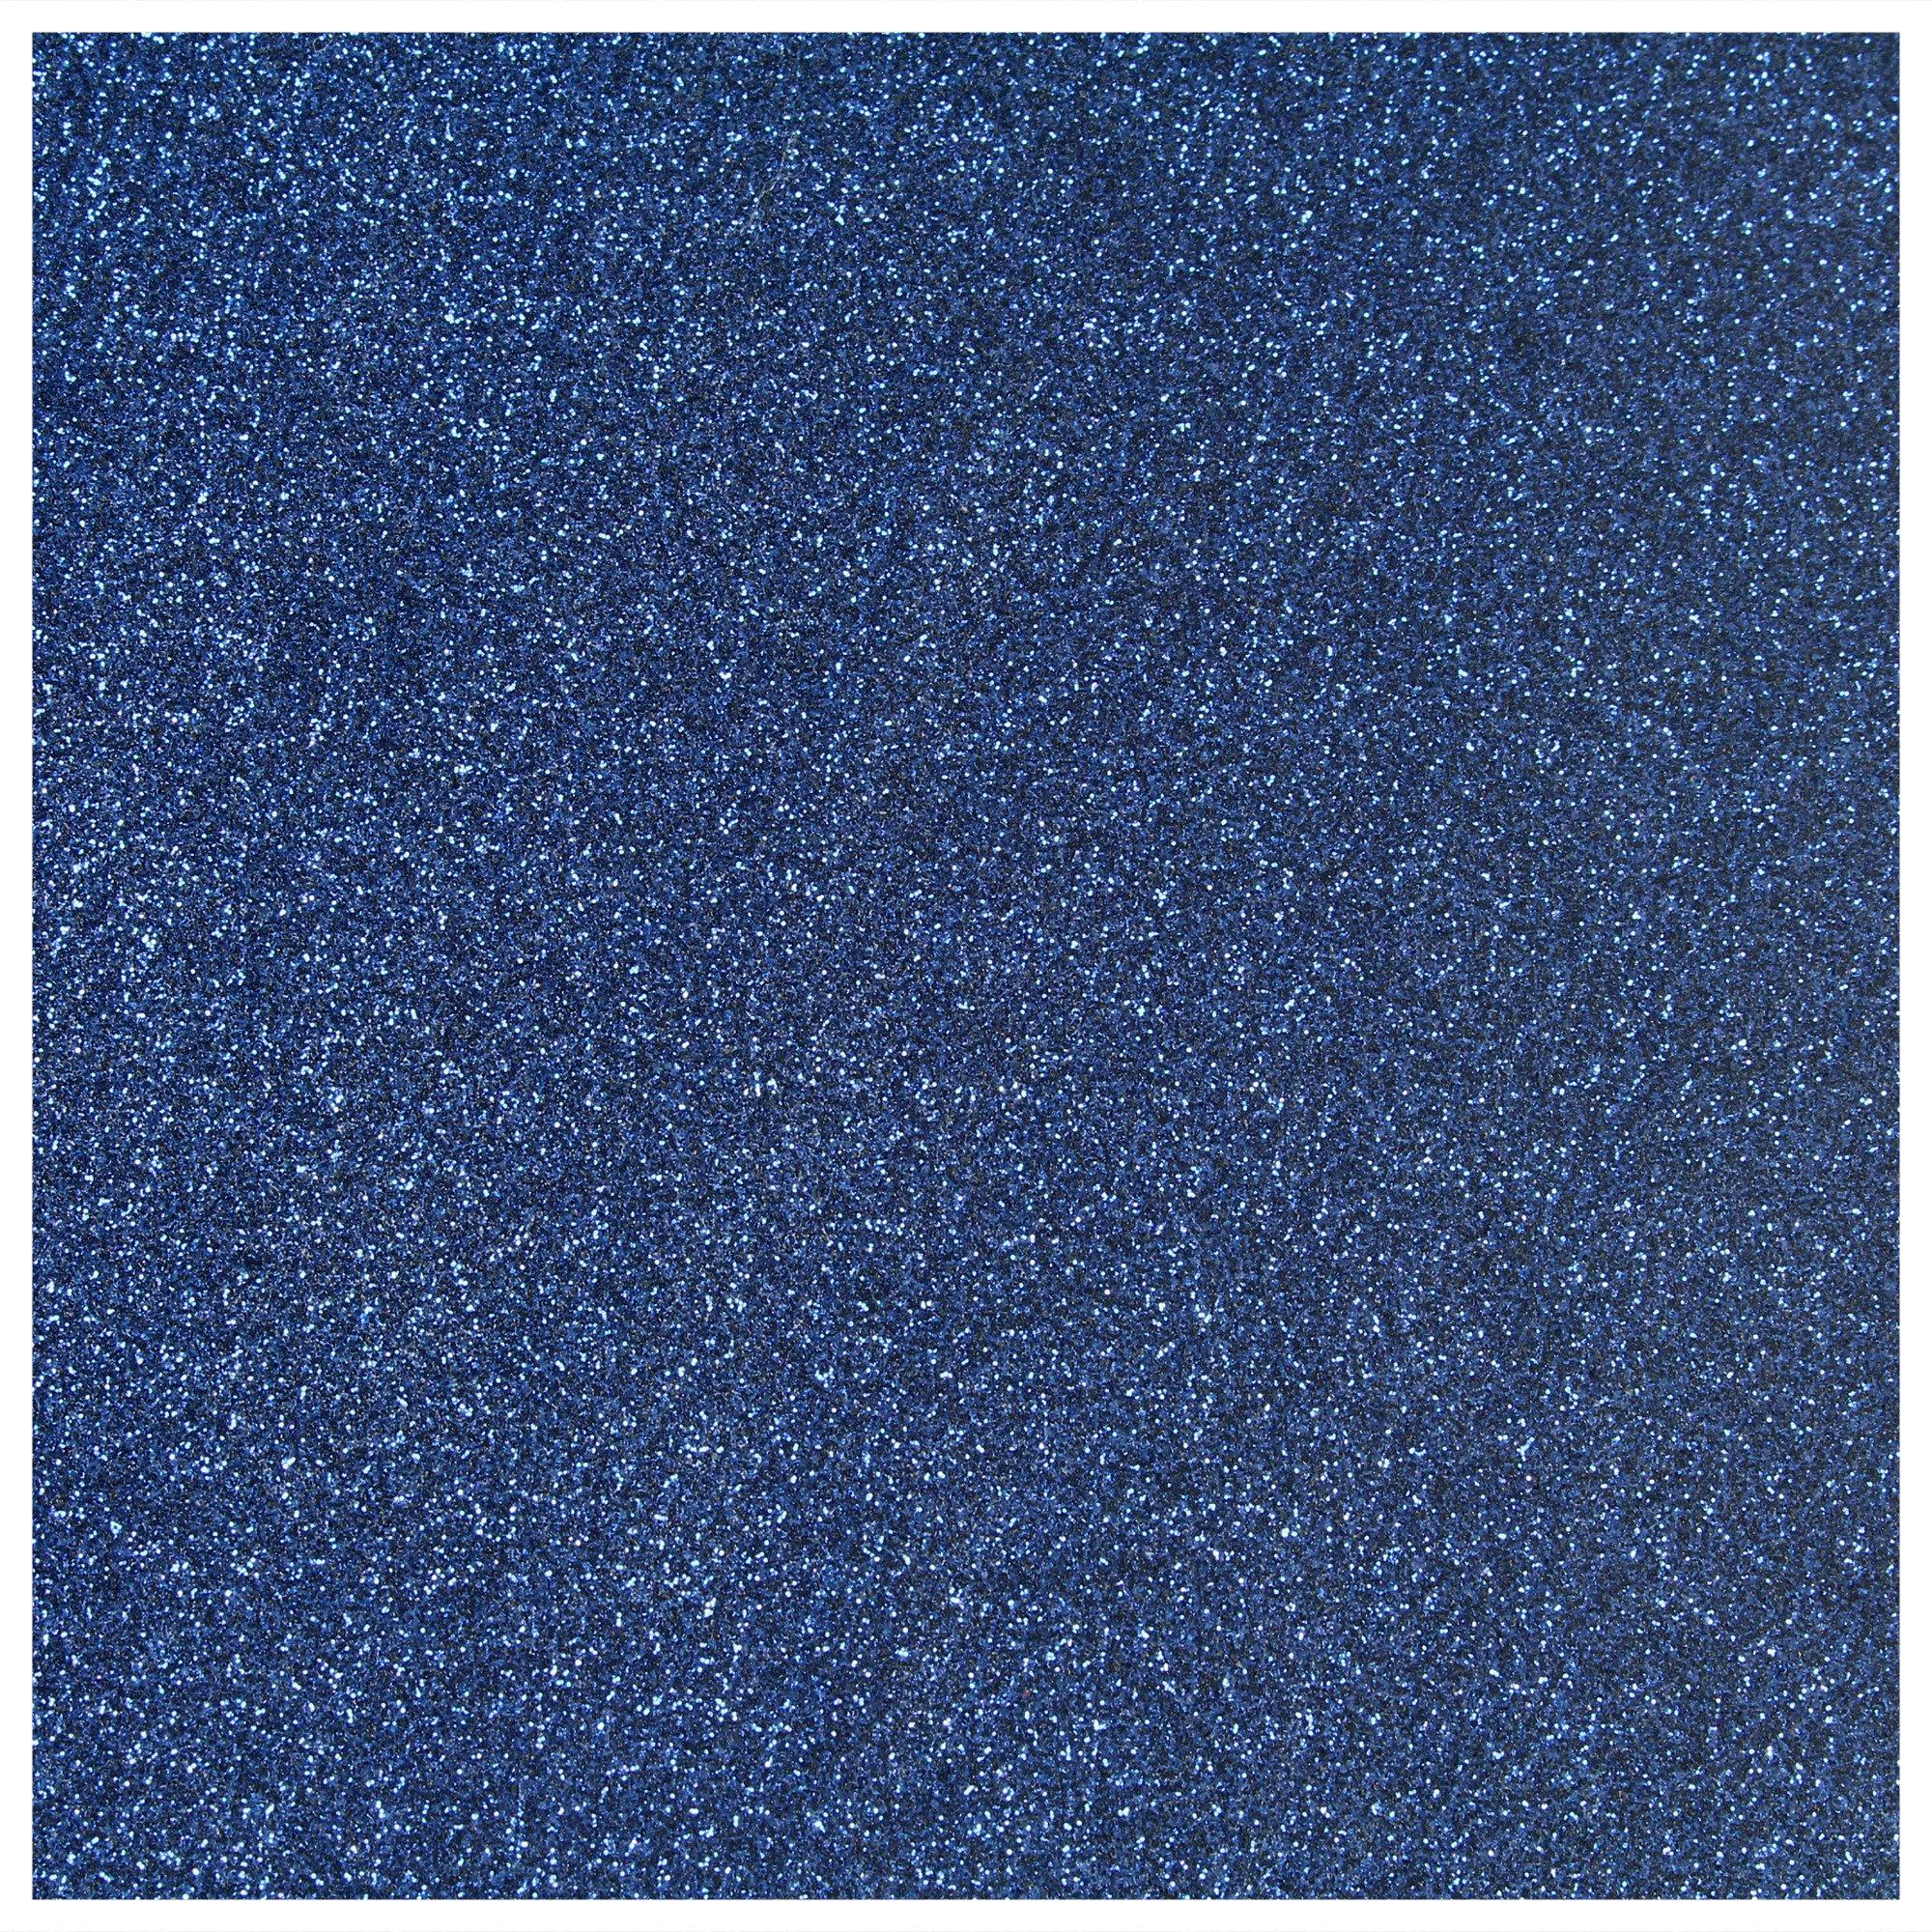 Siser Glitter Heat Transfer Material - Saphire